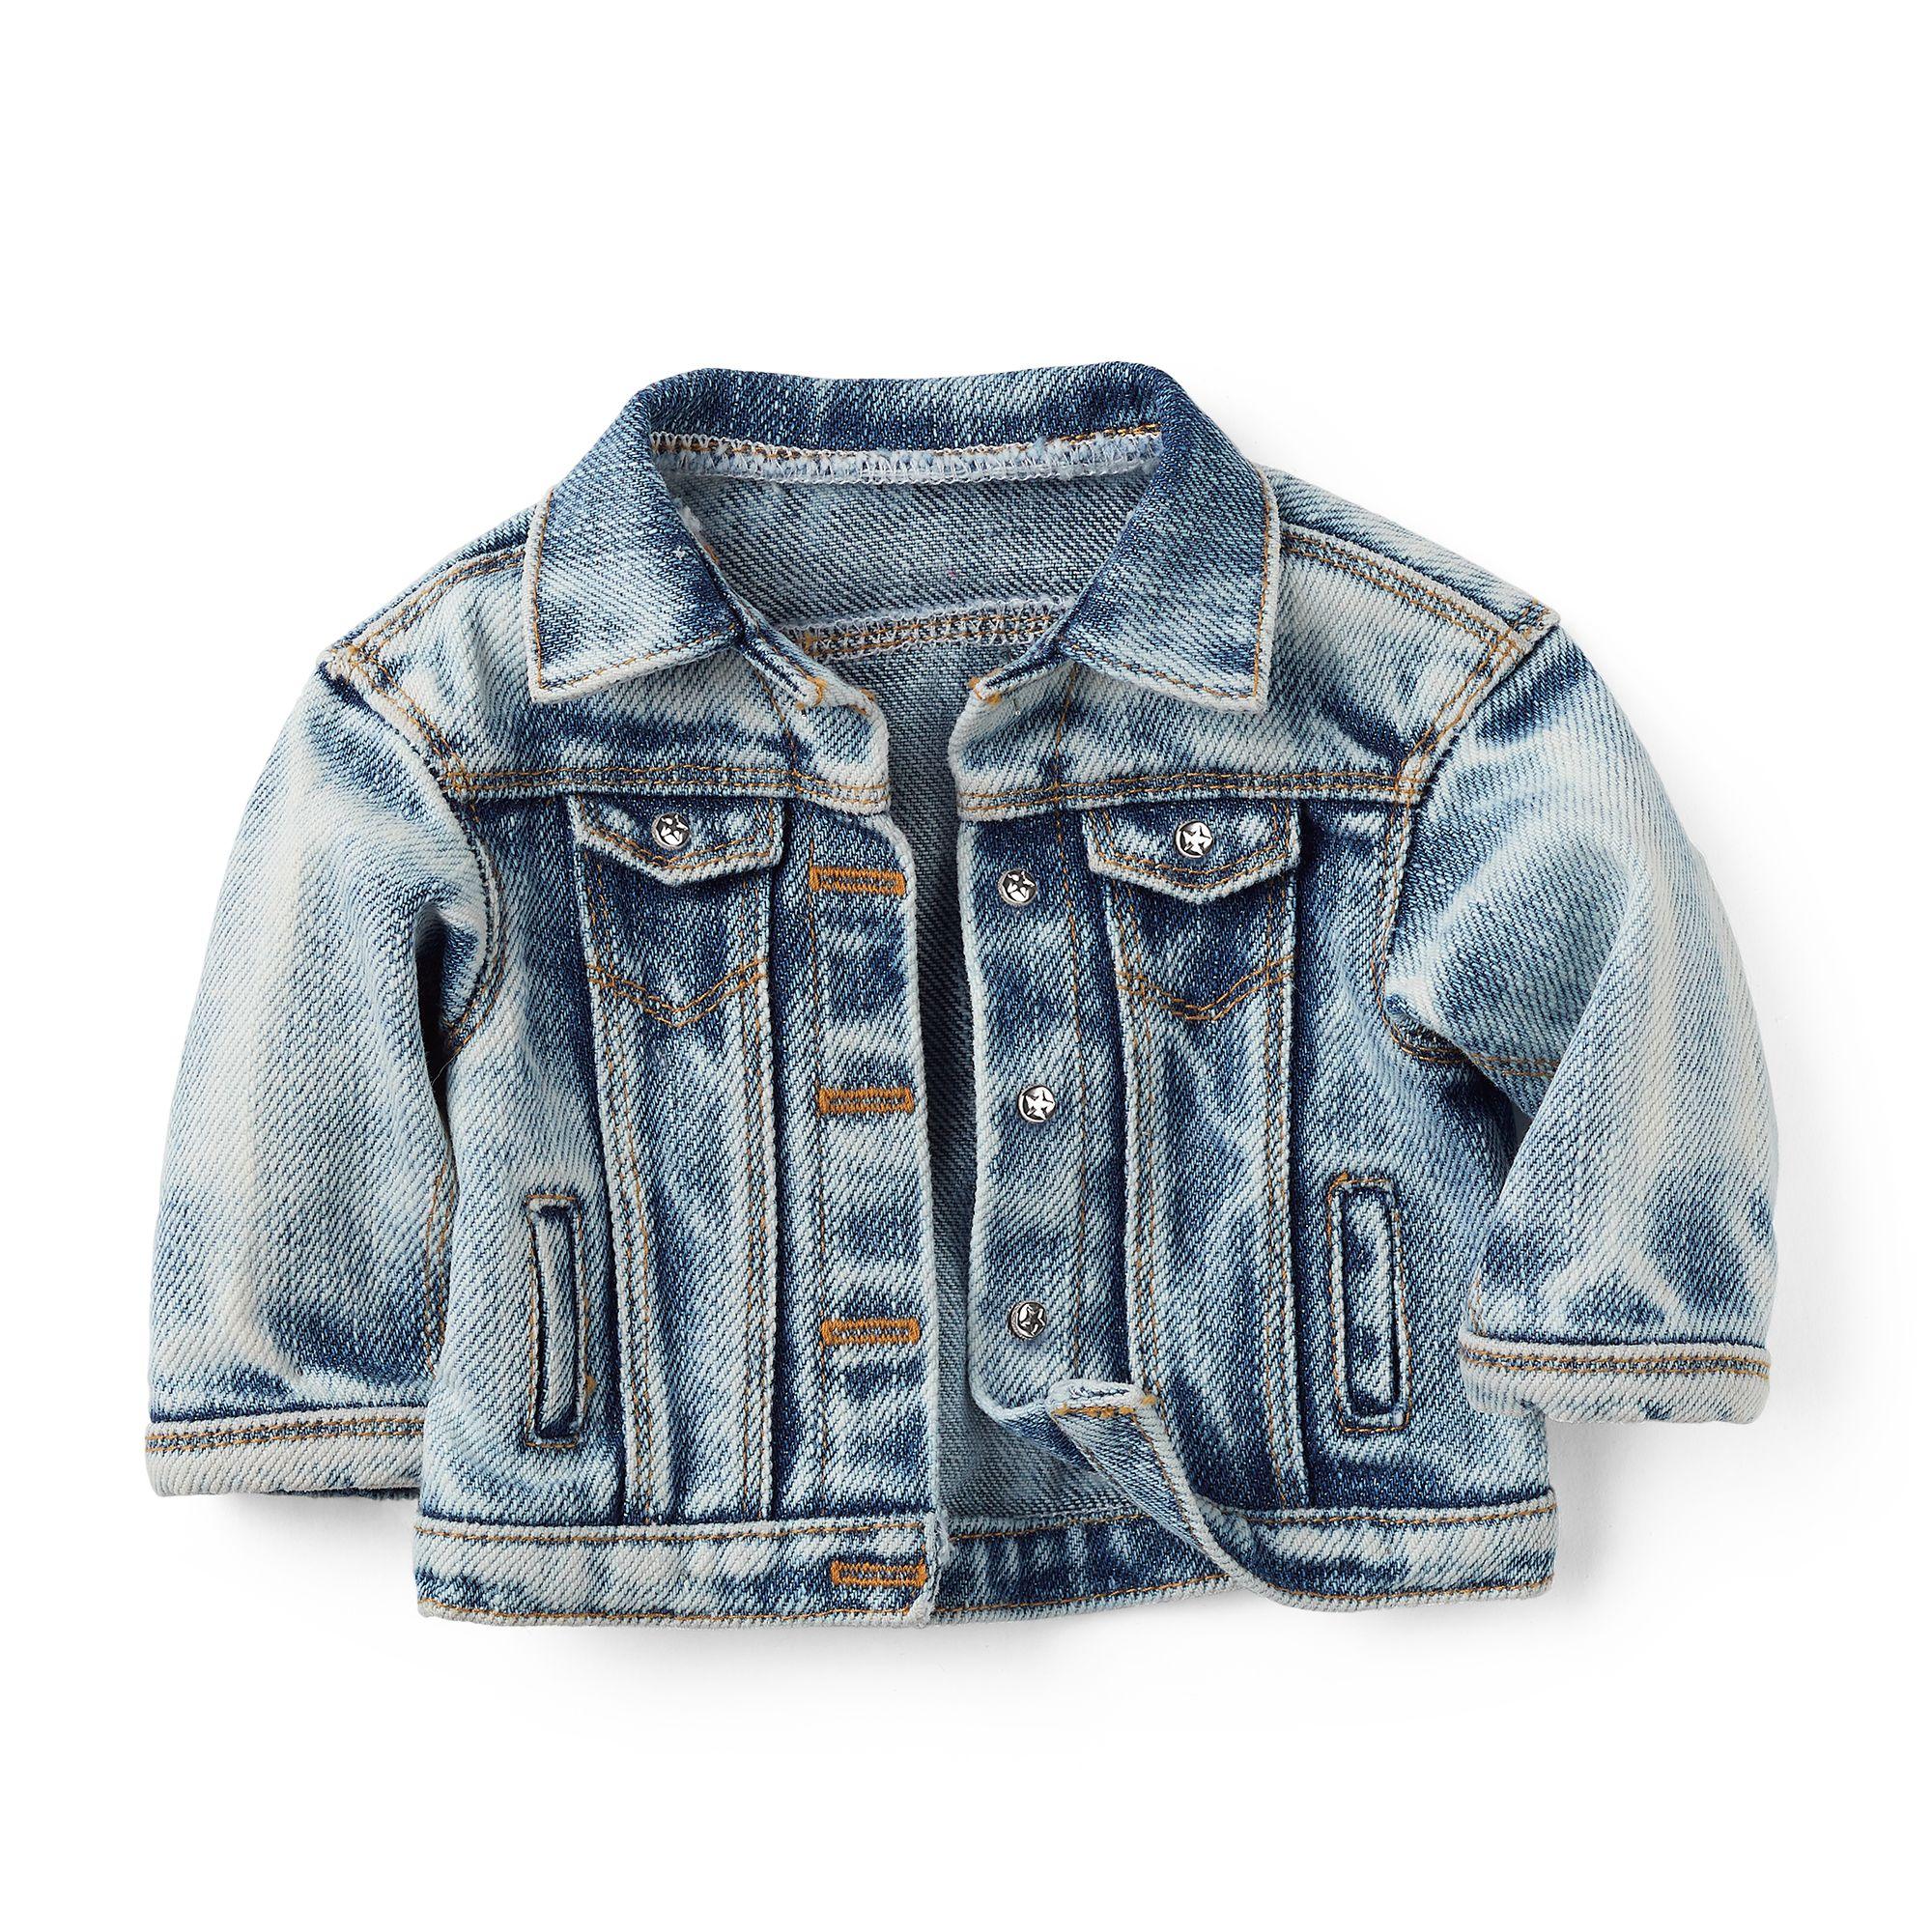 Courtney's Denim Jacket